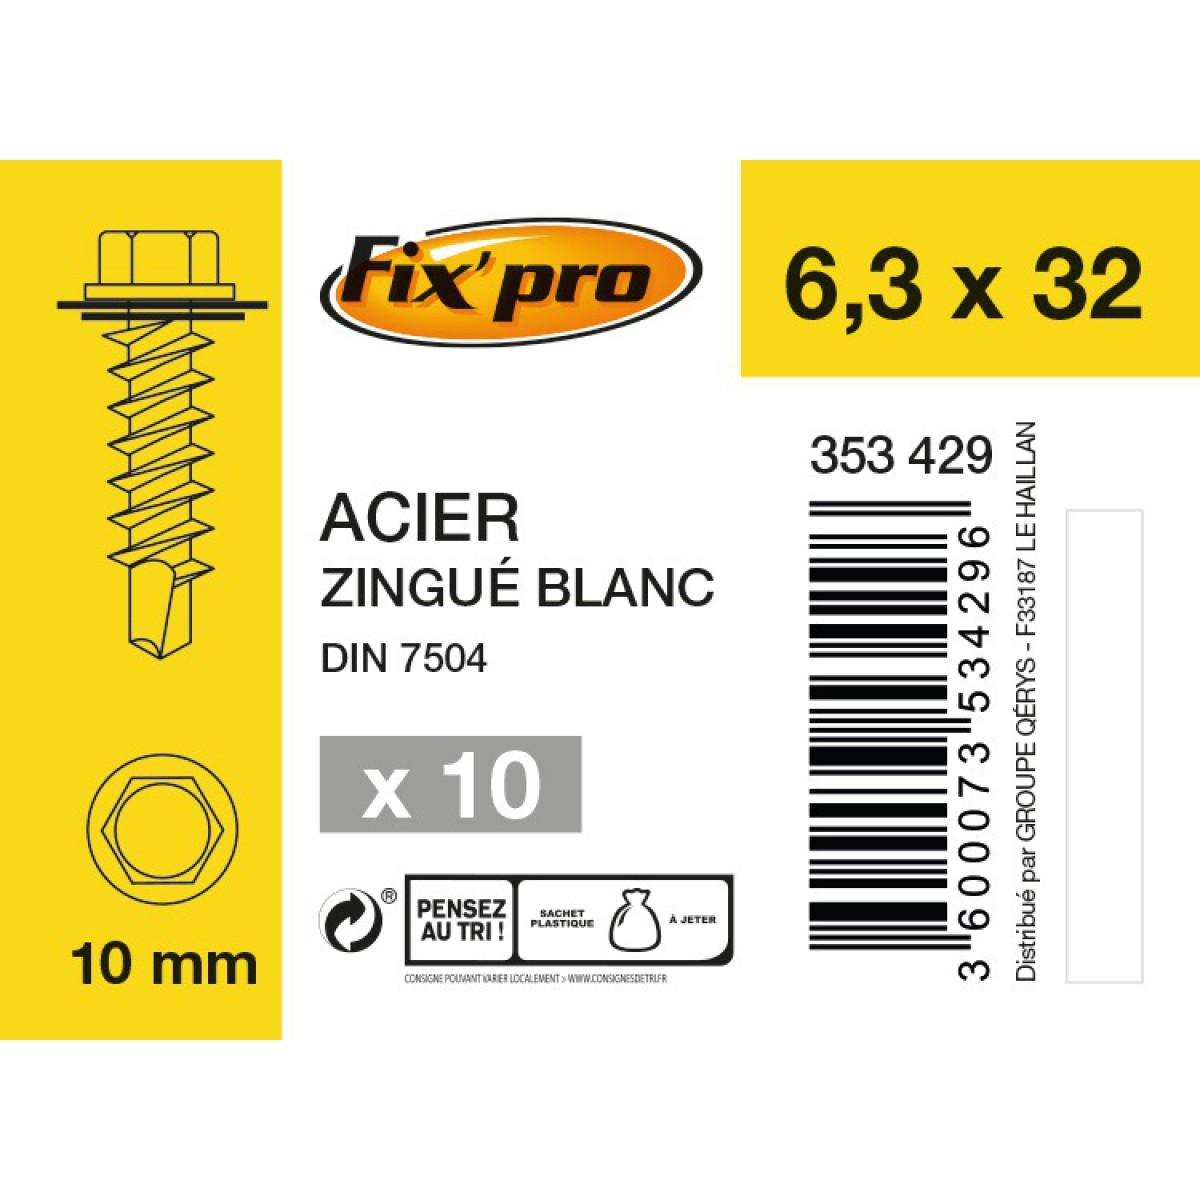 Vis tête hexagonale autoforeuse + rondelle acier zingué - 6,3x32 - 10pces - Fixpro